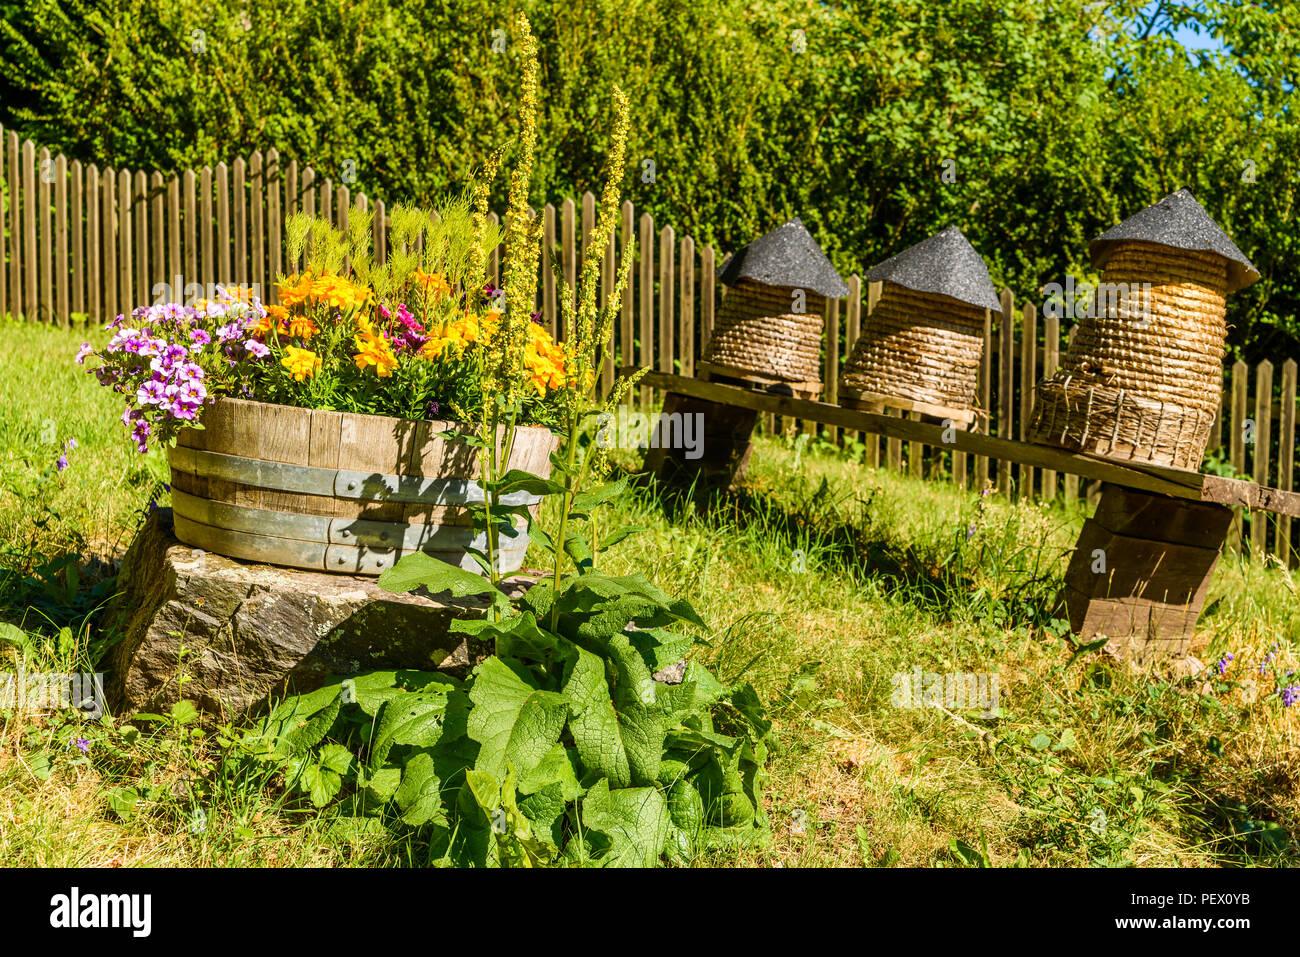 Tre piccoli alveari e un vaso con fiori colorati. il giardino è